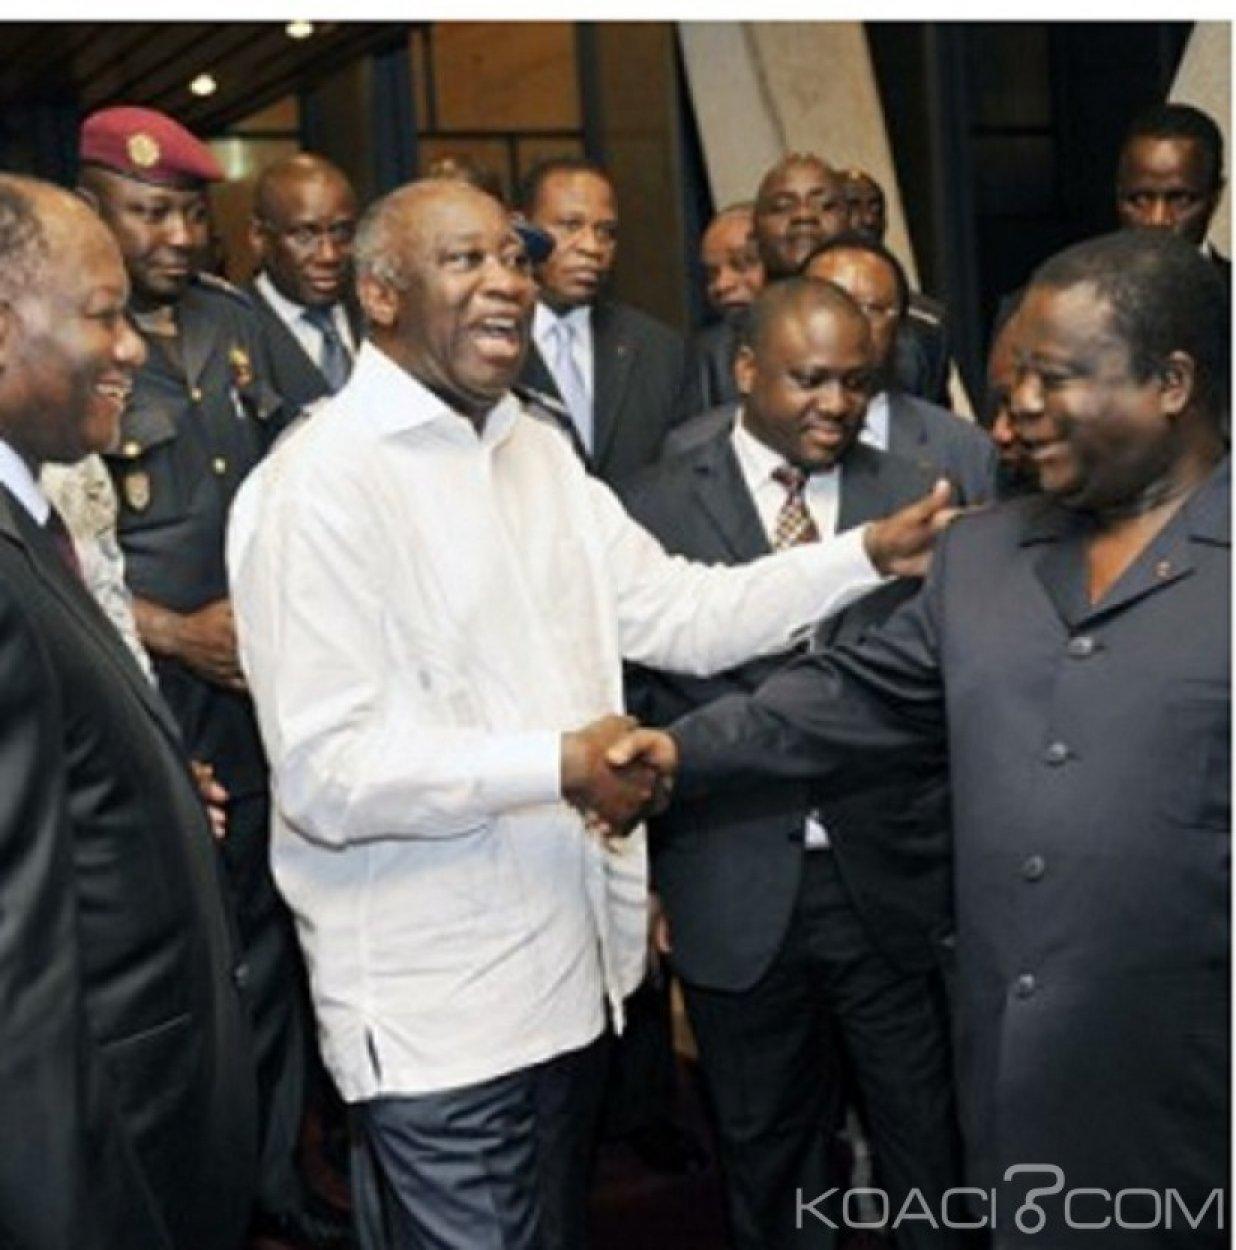 Côte d'Ivoire: Pour Tiken Jah les élections de 2020 se passeront bien si les trois grands se retirent, il promet un «show» au Felicia en cas de leur retraite